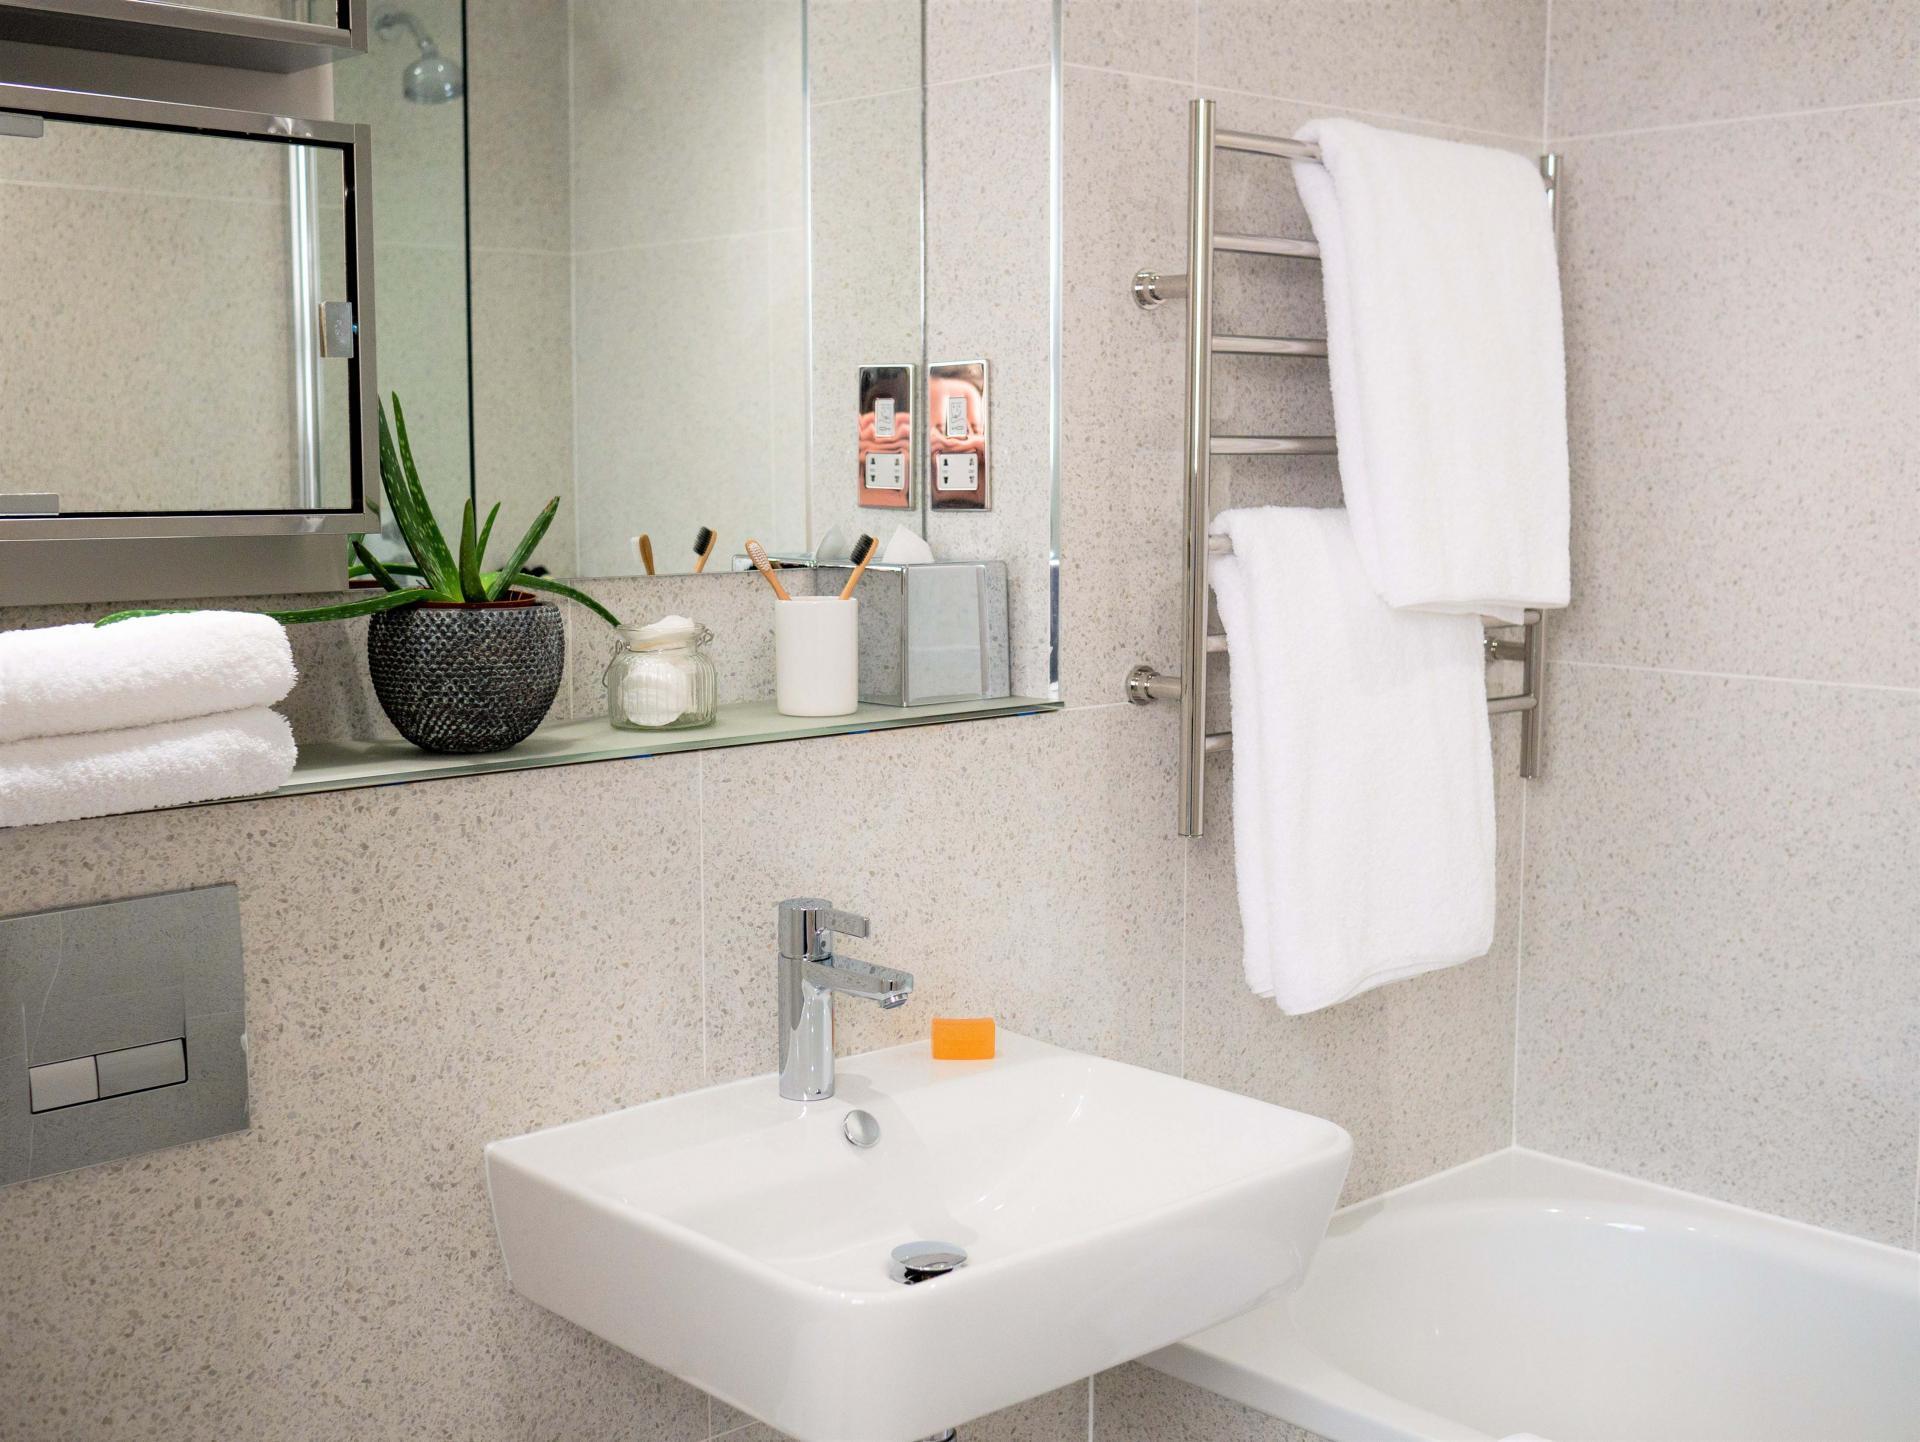 Bathroom at Q Square Aparthotel, Centre, Brighton - Citybase Apartments